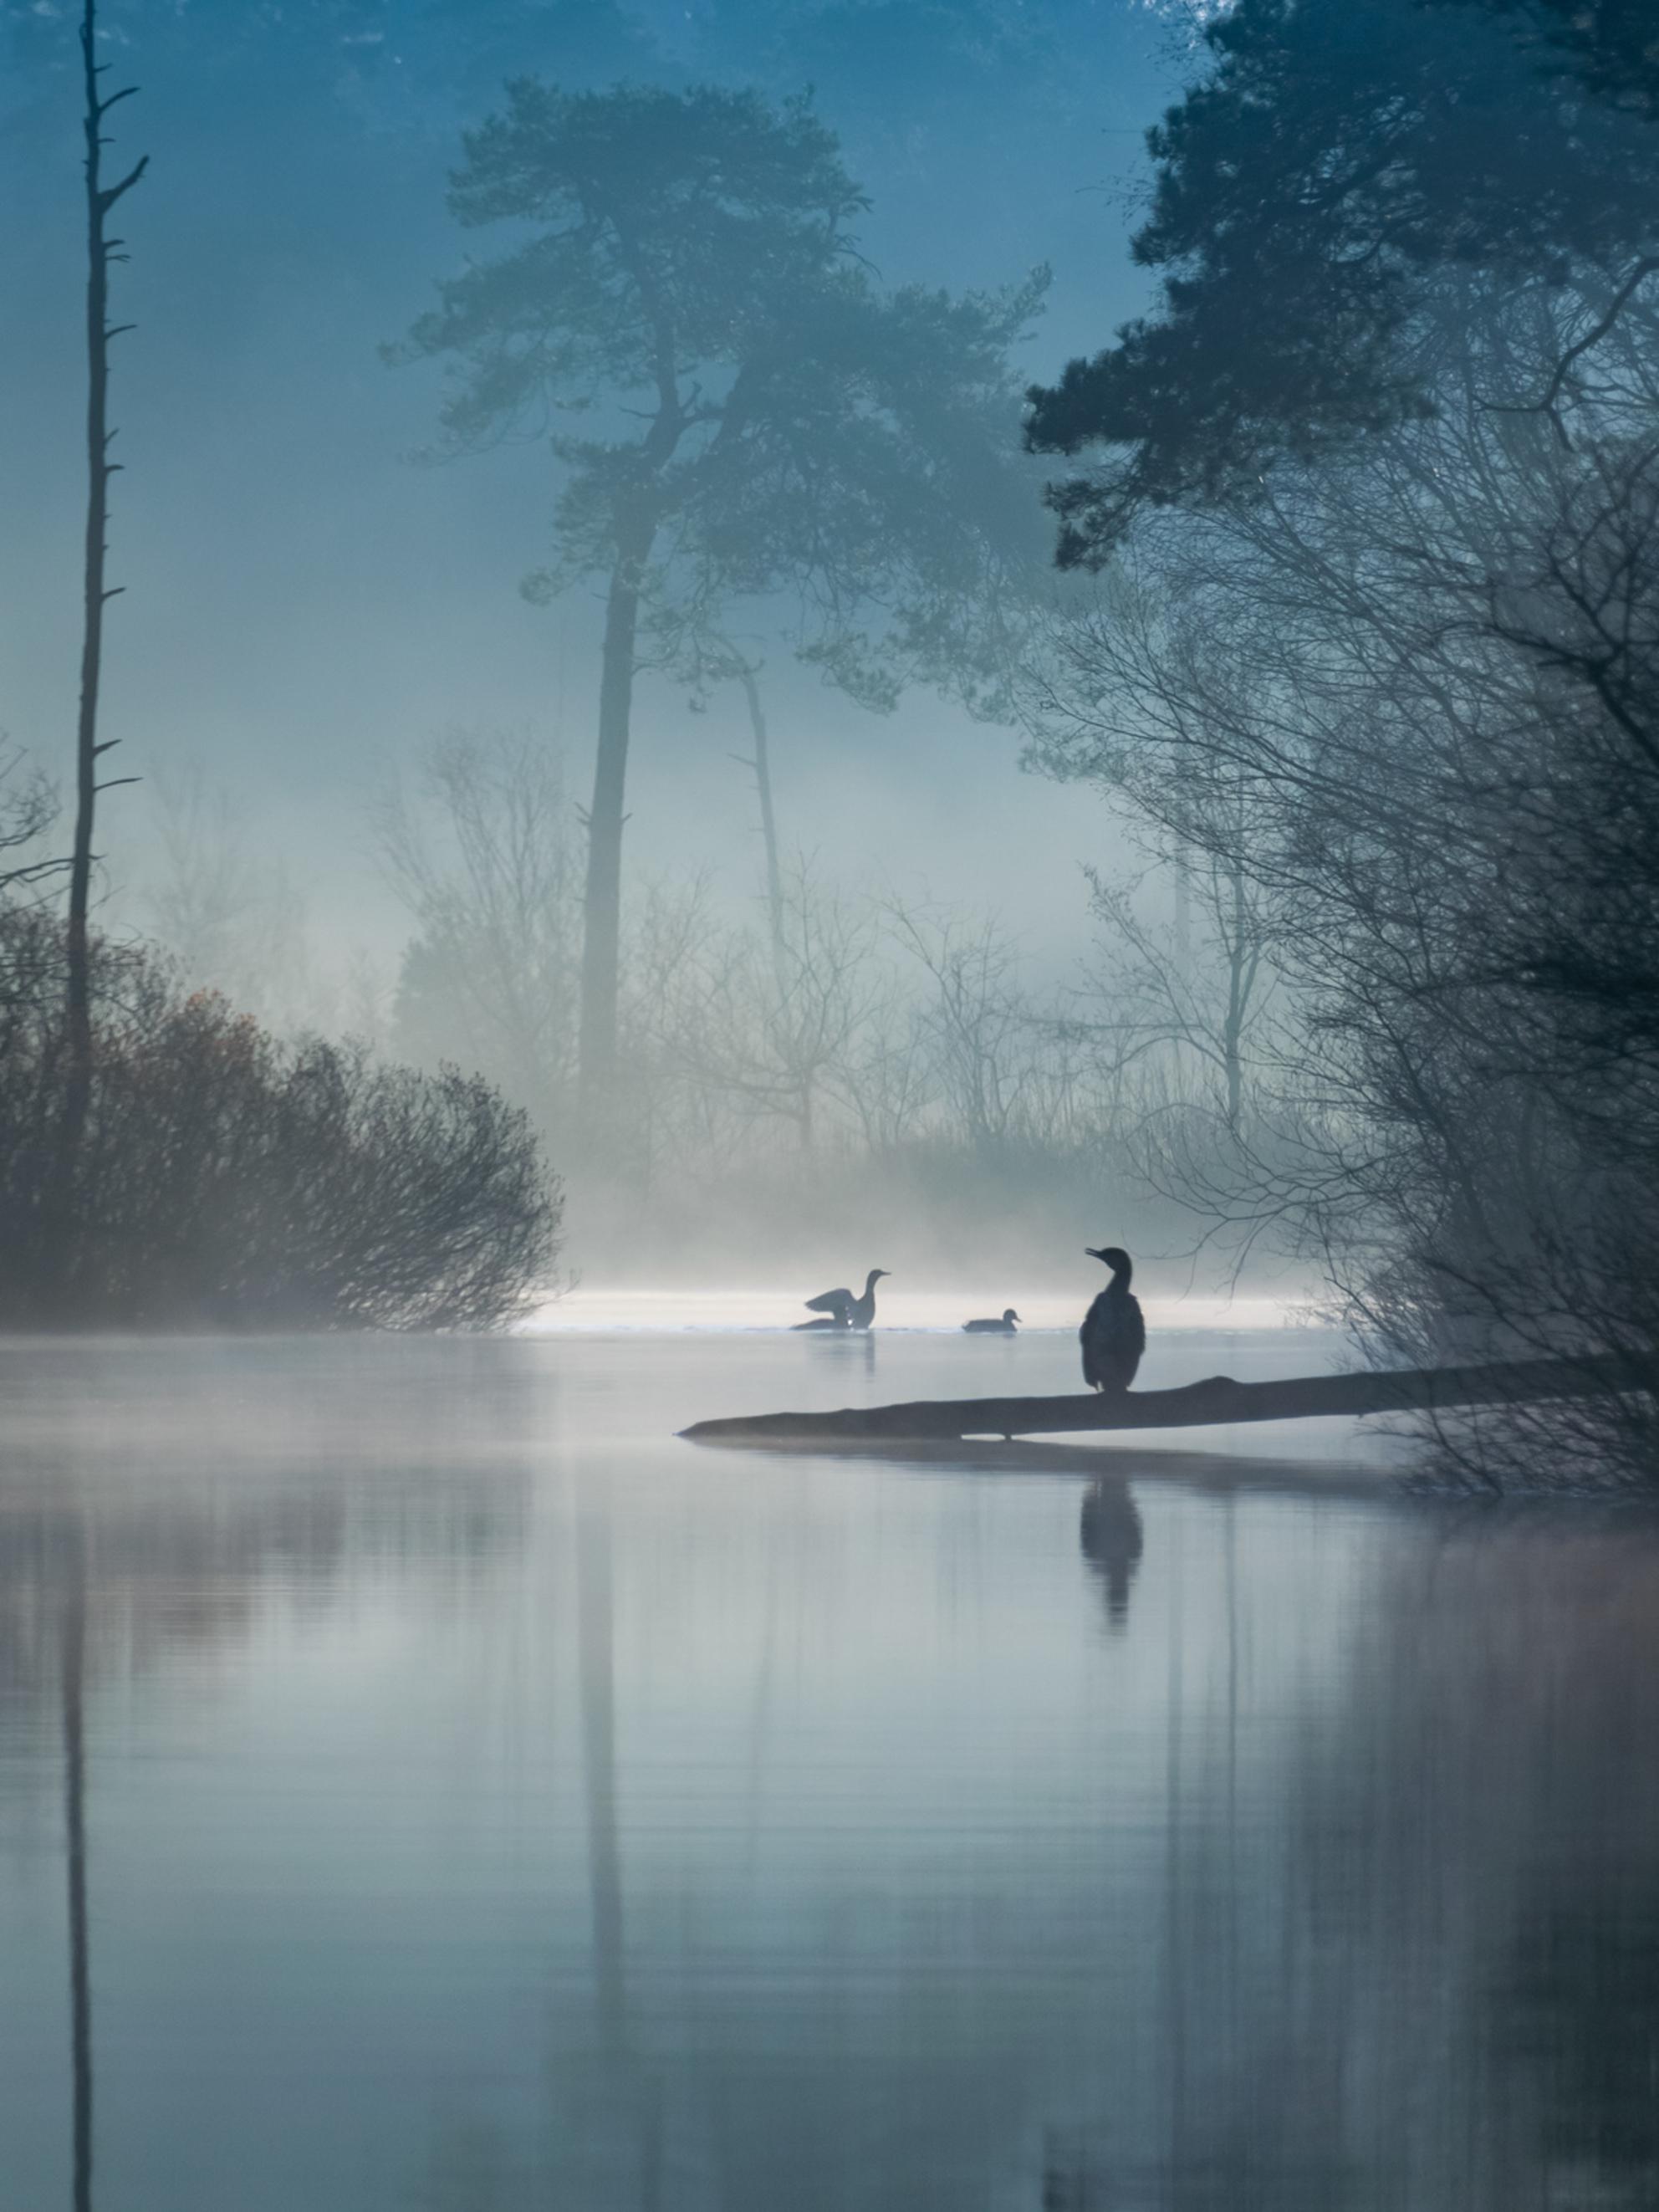 Robin Gooijers - It's like Magic - Oisterwijkse Vennen - Close-up van een Magisch scene die ik genomen heb bij de Oisterwijkse Vennen tijdens een mooie zonsopkomst. Alles klopte die ochtend, het licht, de k - foto door RobinGooijersFotografie op 25-02-2021 - deze foto bevat: blauw, zon, water, natuur, licht, vogel, spiegeling, landschap, mist, bos, zonsopkomst, bomen, meer, wandelen, vennen, zoomen